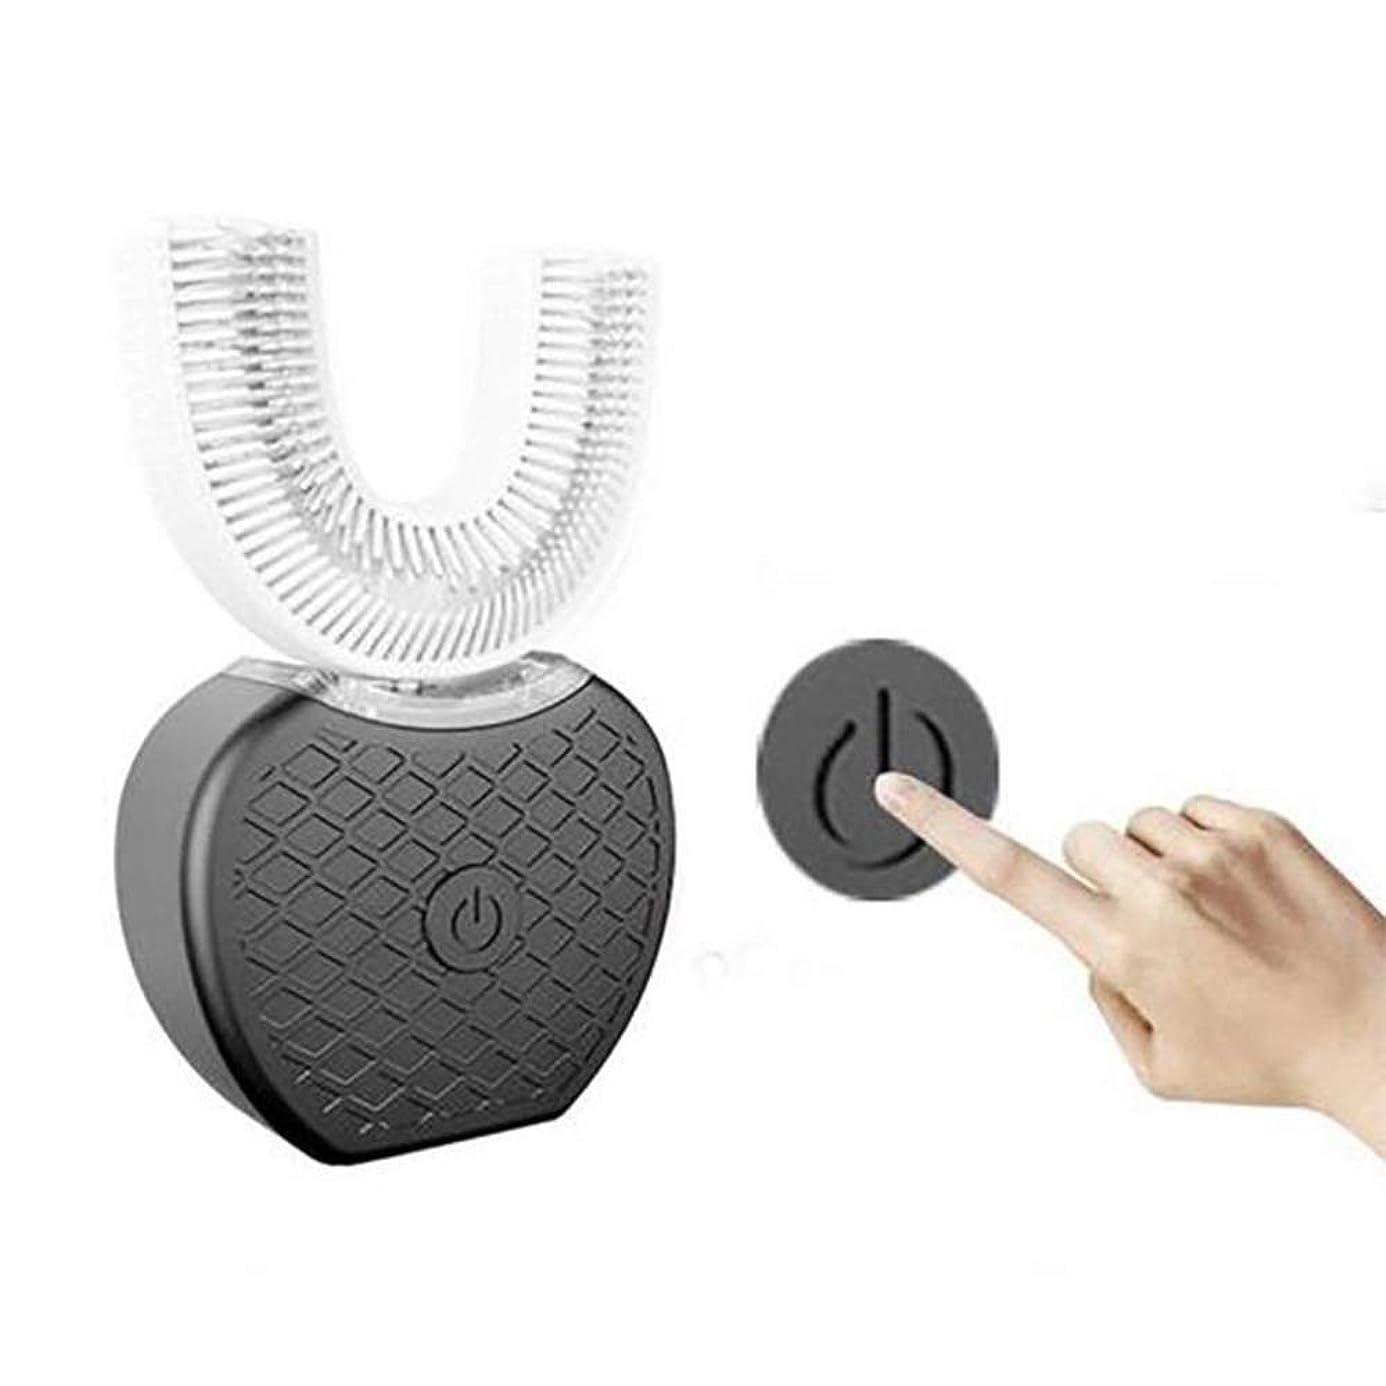 ヒョウパキスタン機械電動歯ブラシ怠惰なウィット冷たい光ホワイトニング自動歯クリーナー歯ブラシ歯の汚れを削除します。,Black